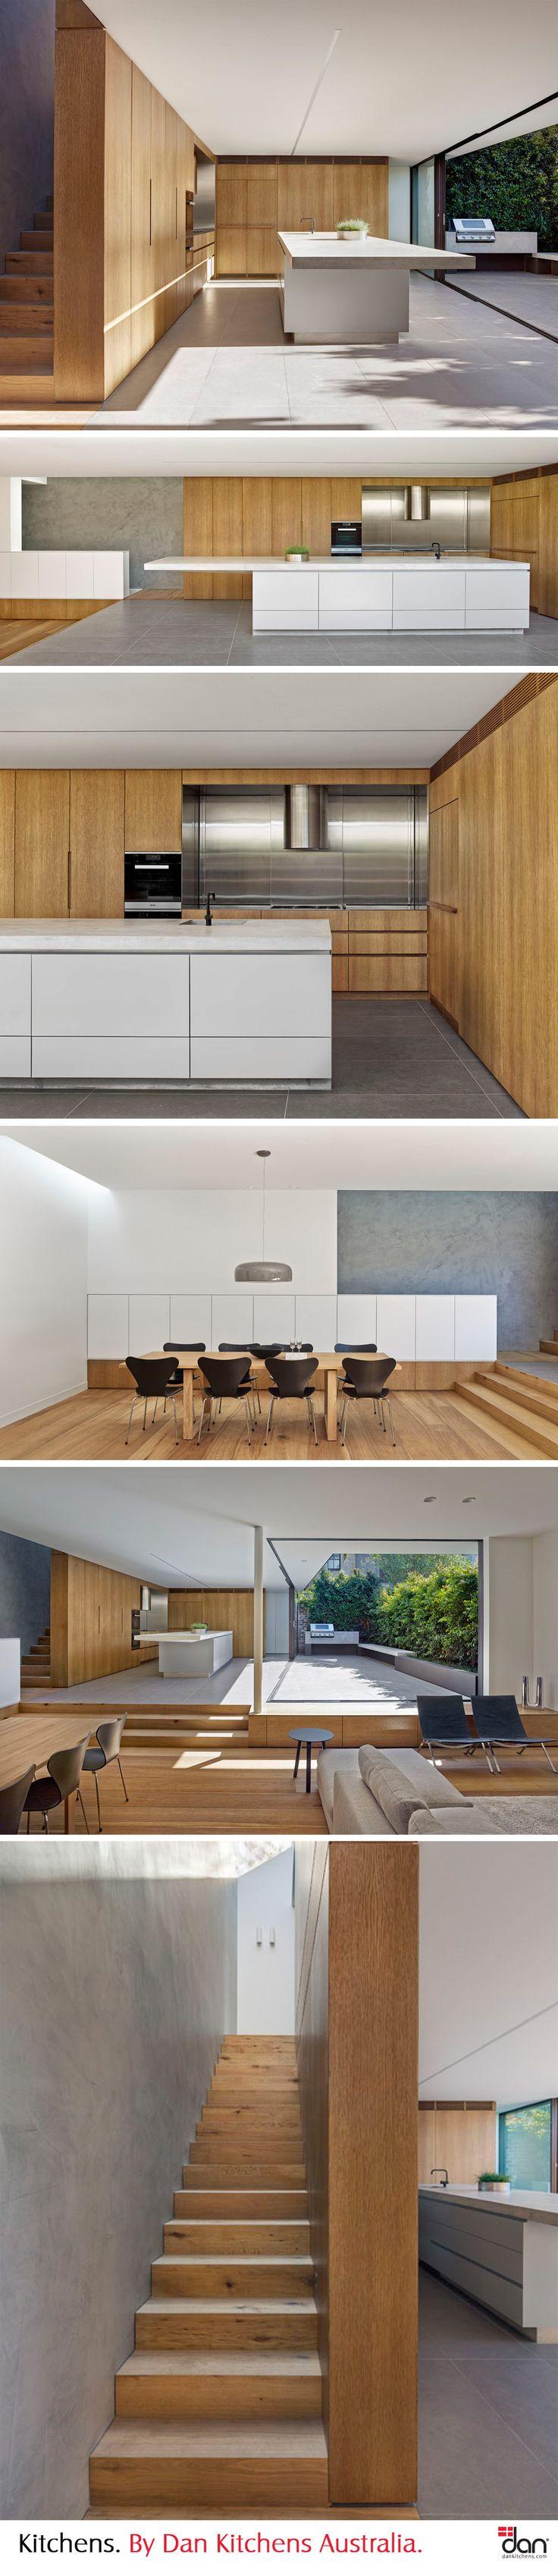 Großzügig Shaker Stil Küchenschränke Australia Bilder - Ideen Für ...